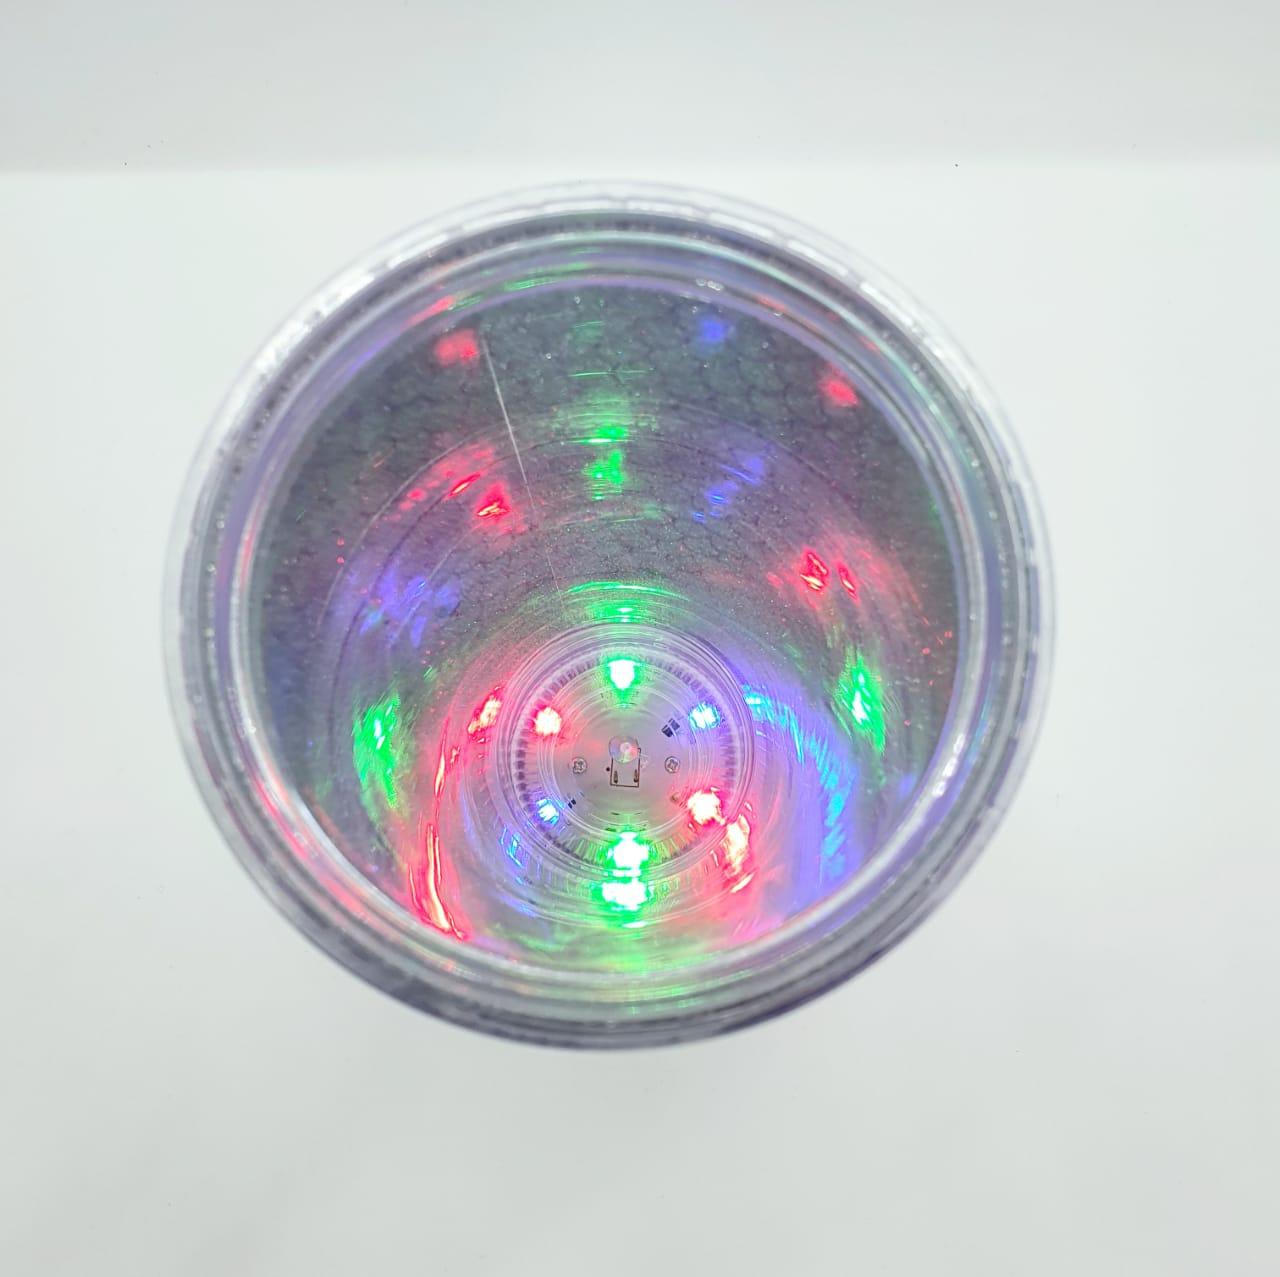 Copo com canudo em LED - Vá confiante na direção dos seus sonhos